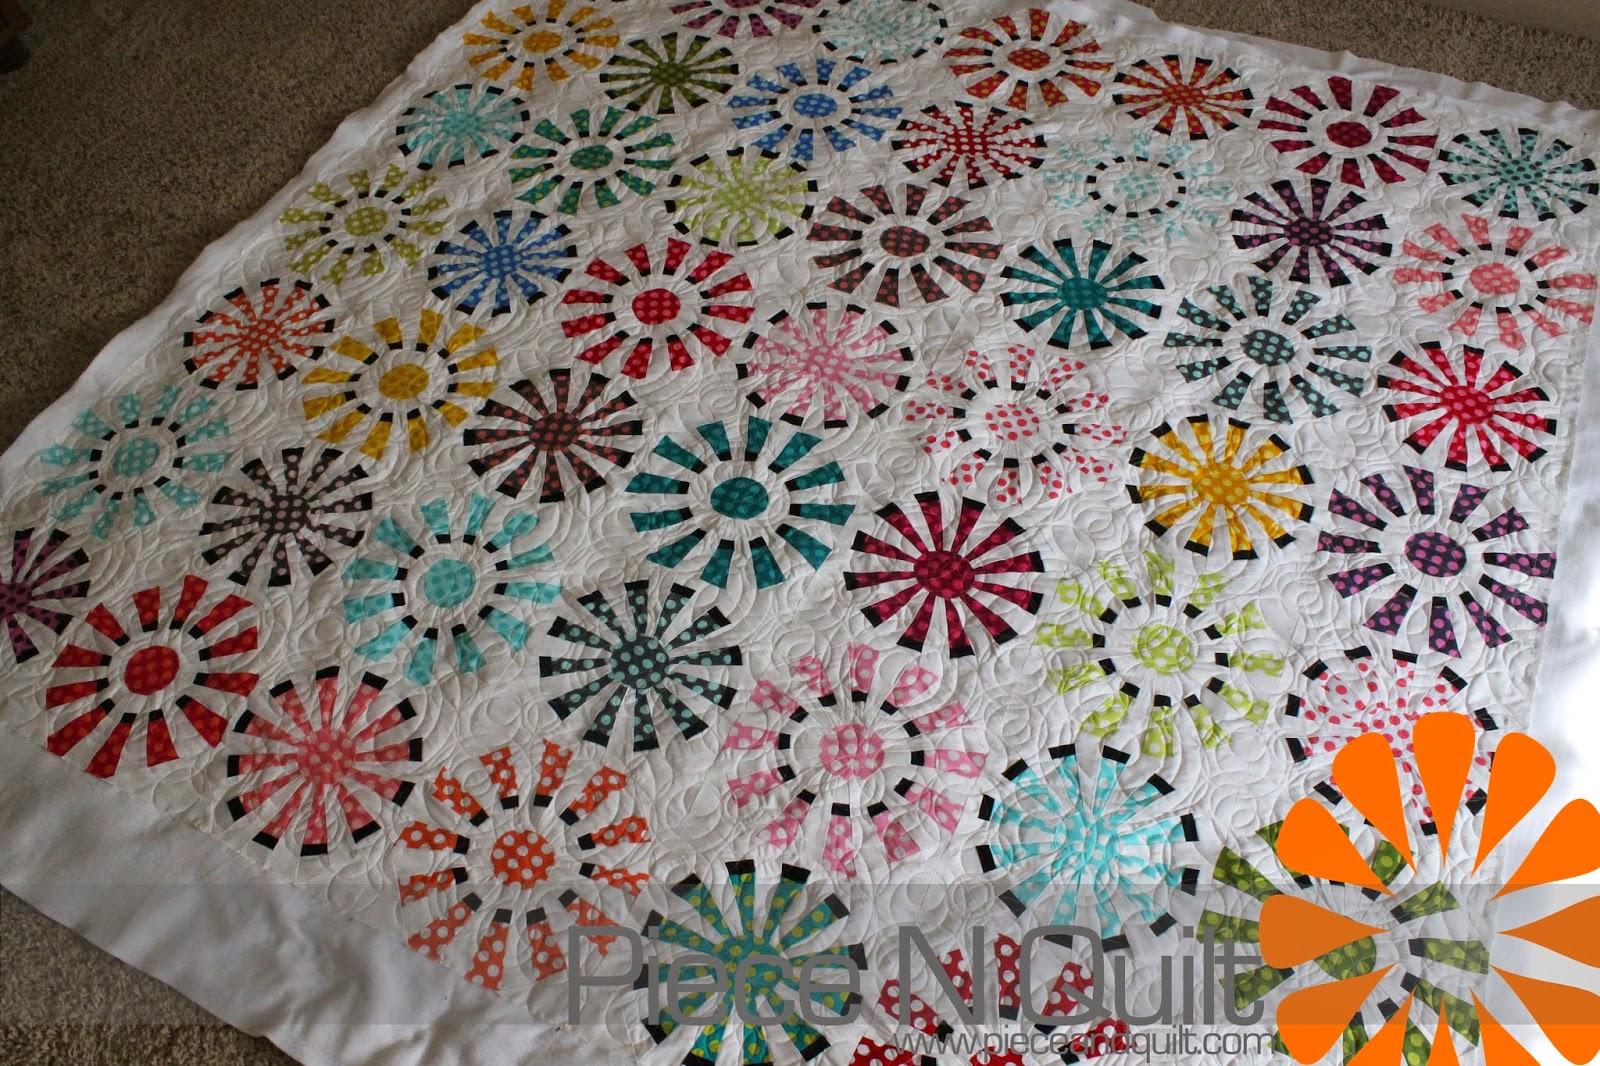 Piece N Quilt: Merry Go Round Quilt : merry go round quilt - Adamdwight.com